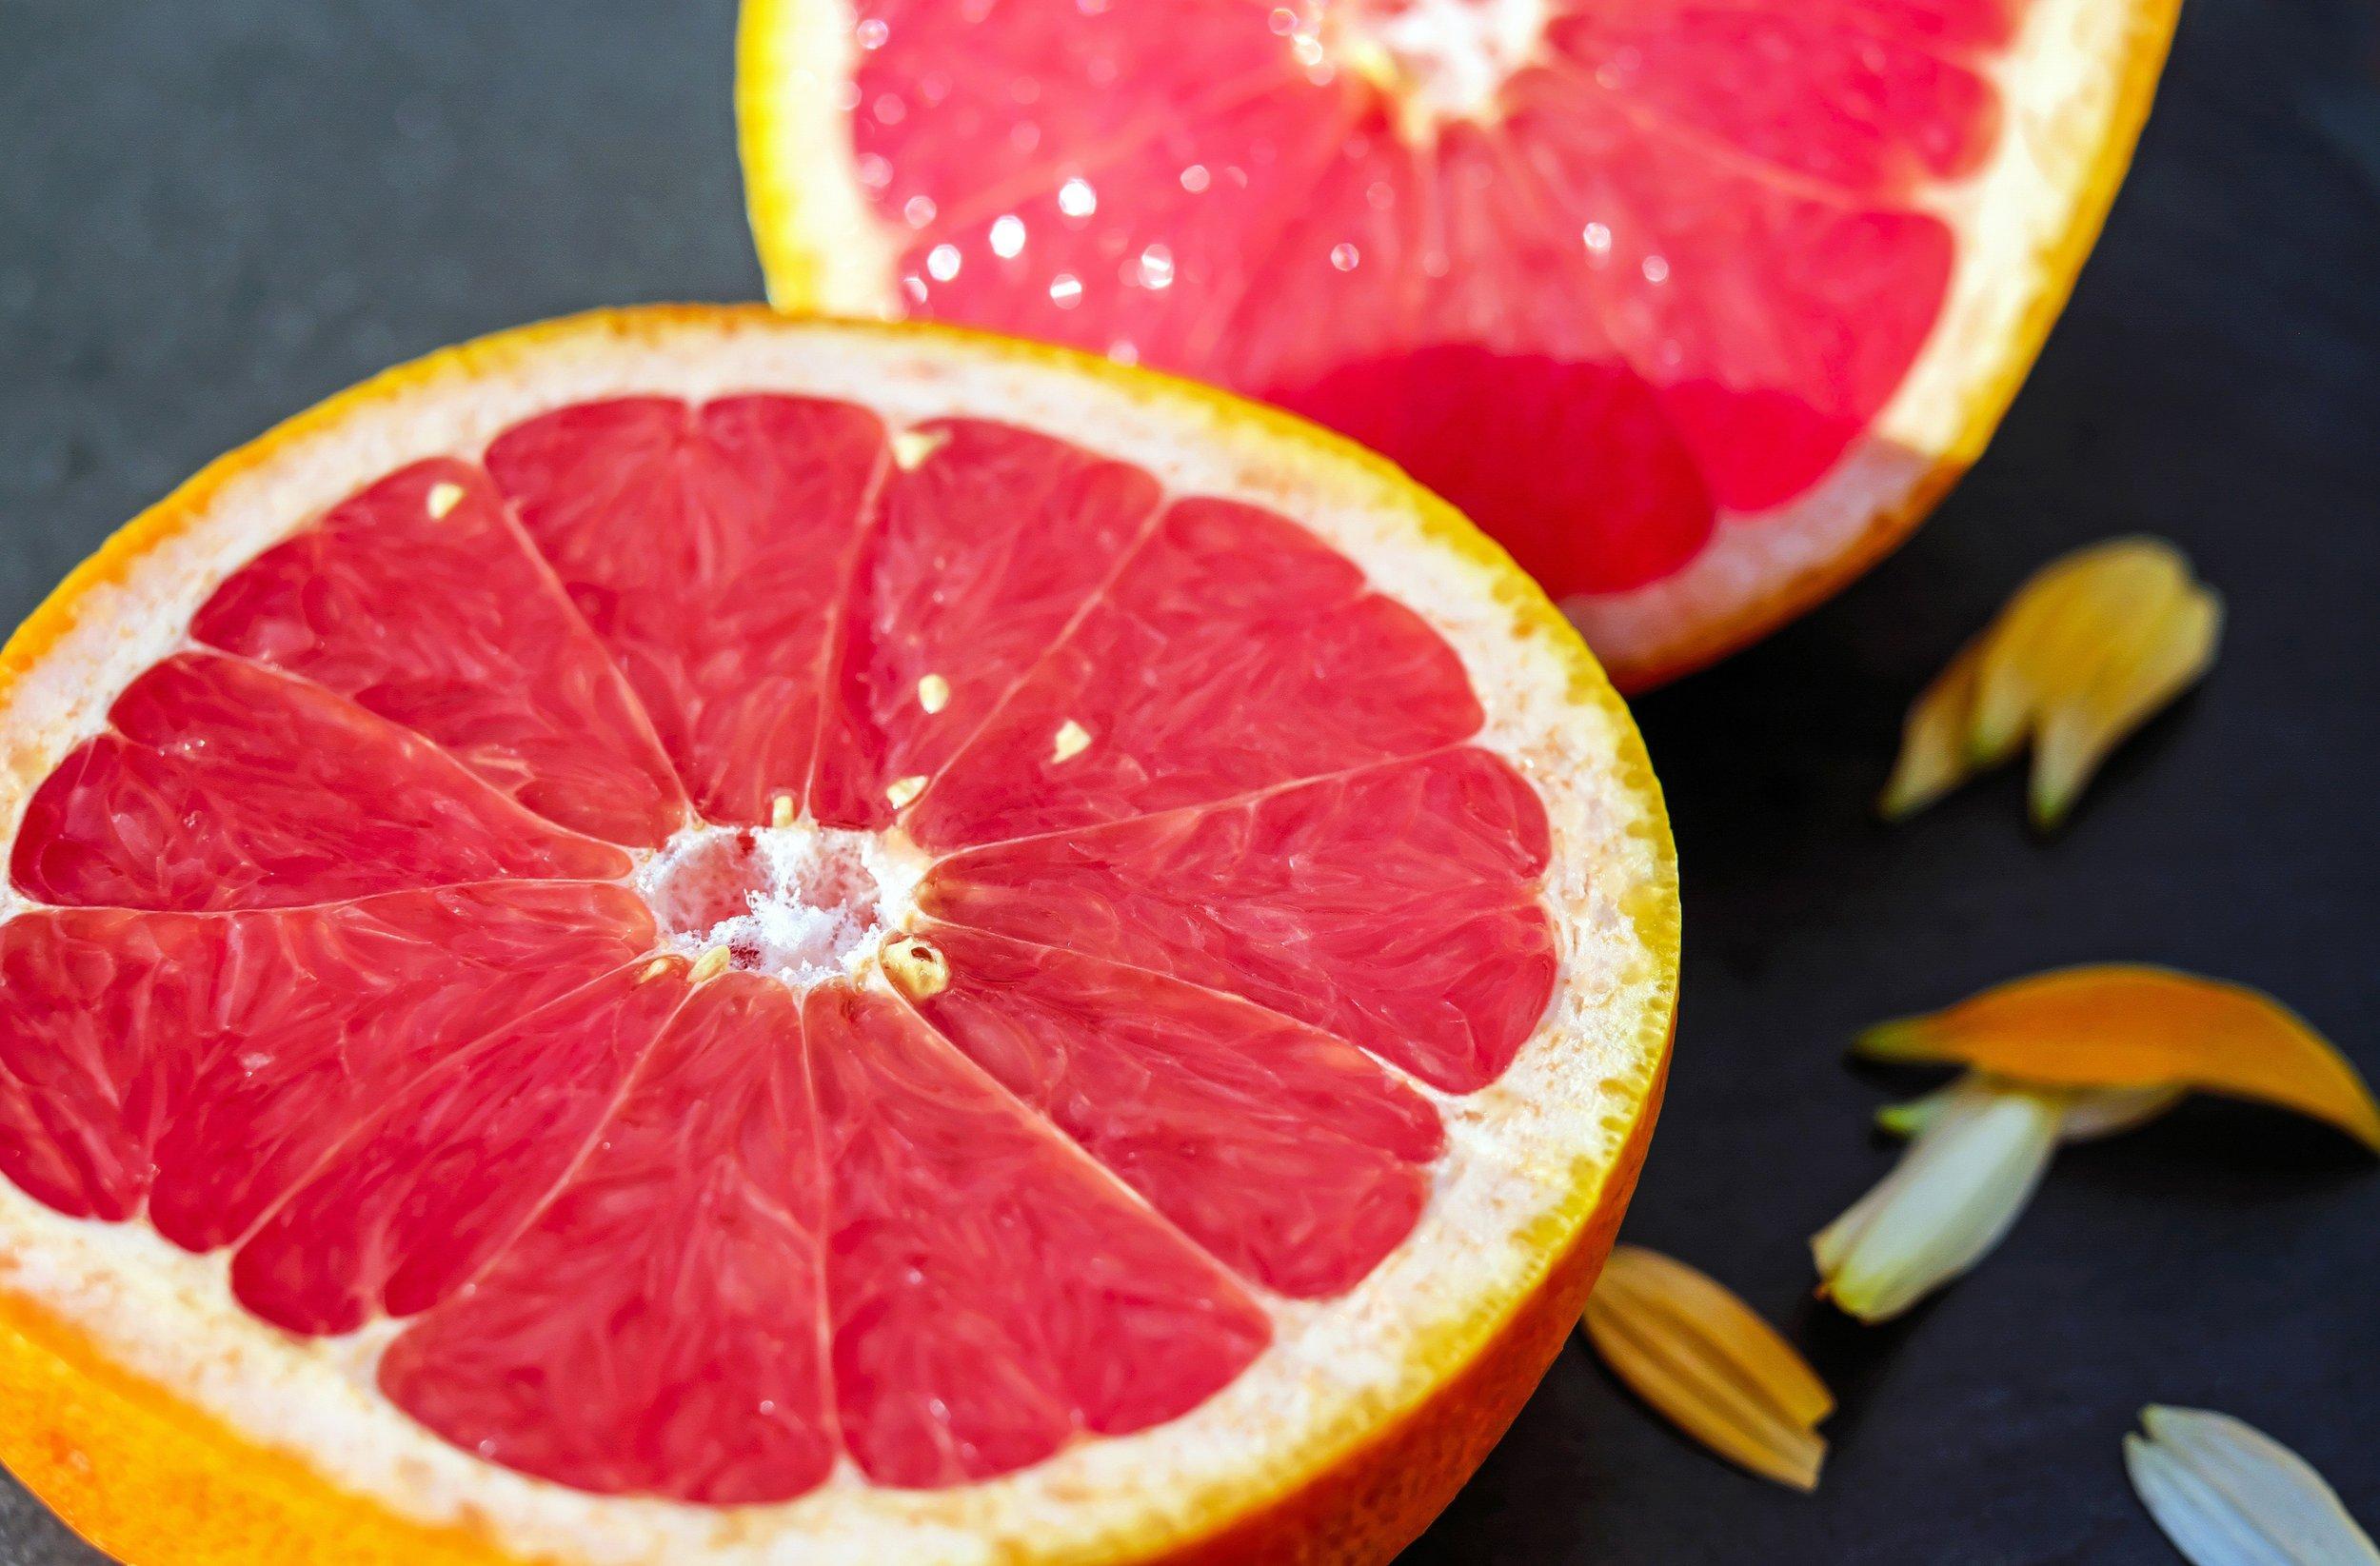 uwm.recipe.azunia.tequila.grapefruit.bright-citrus-close-up-209549.jpg